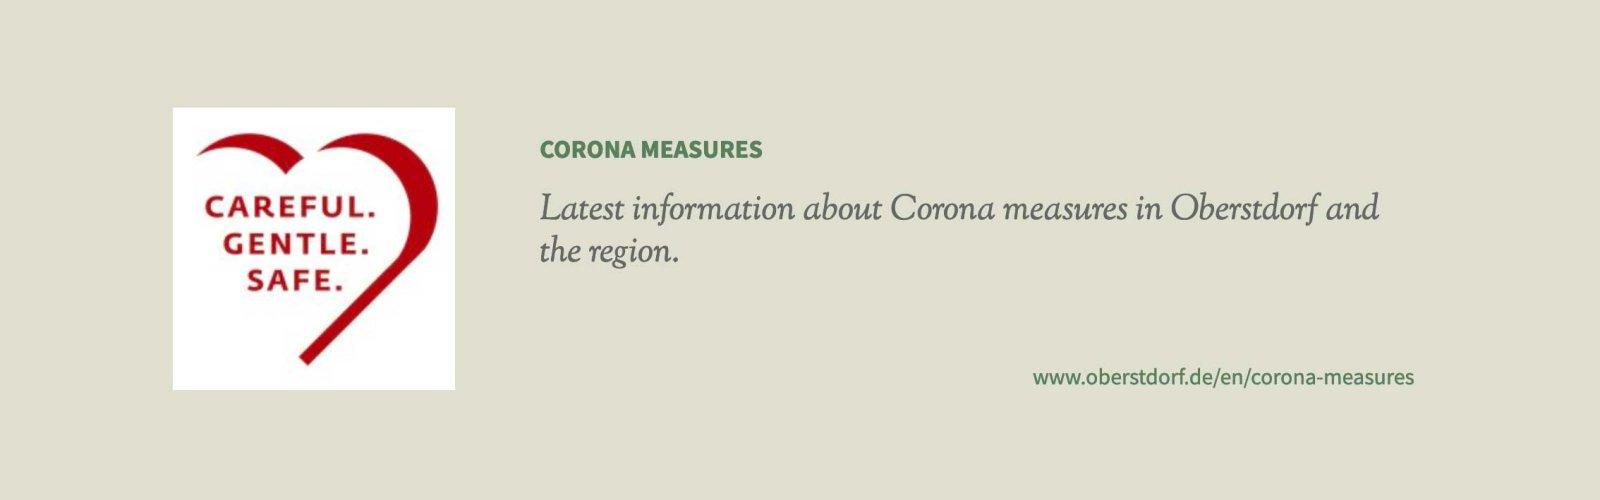 Hiesinger Corona in englisch